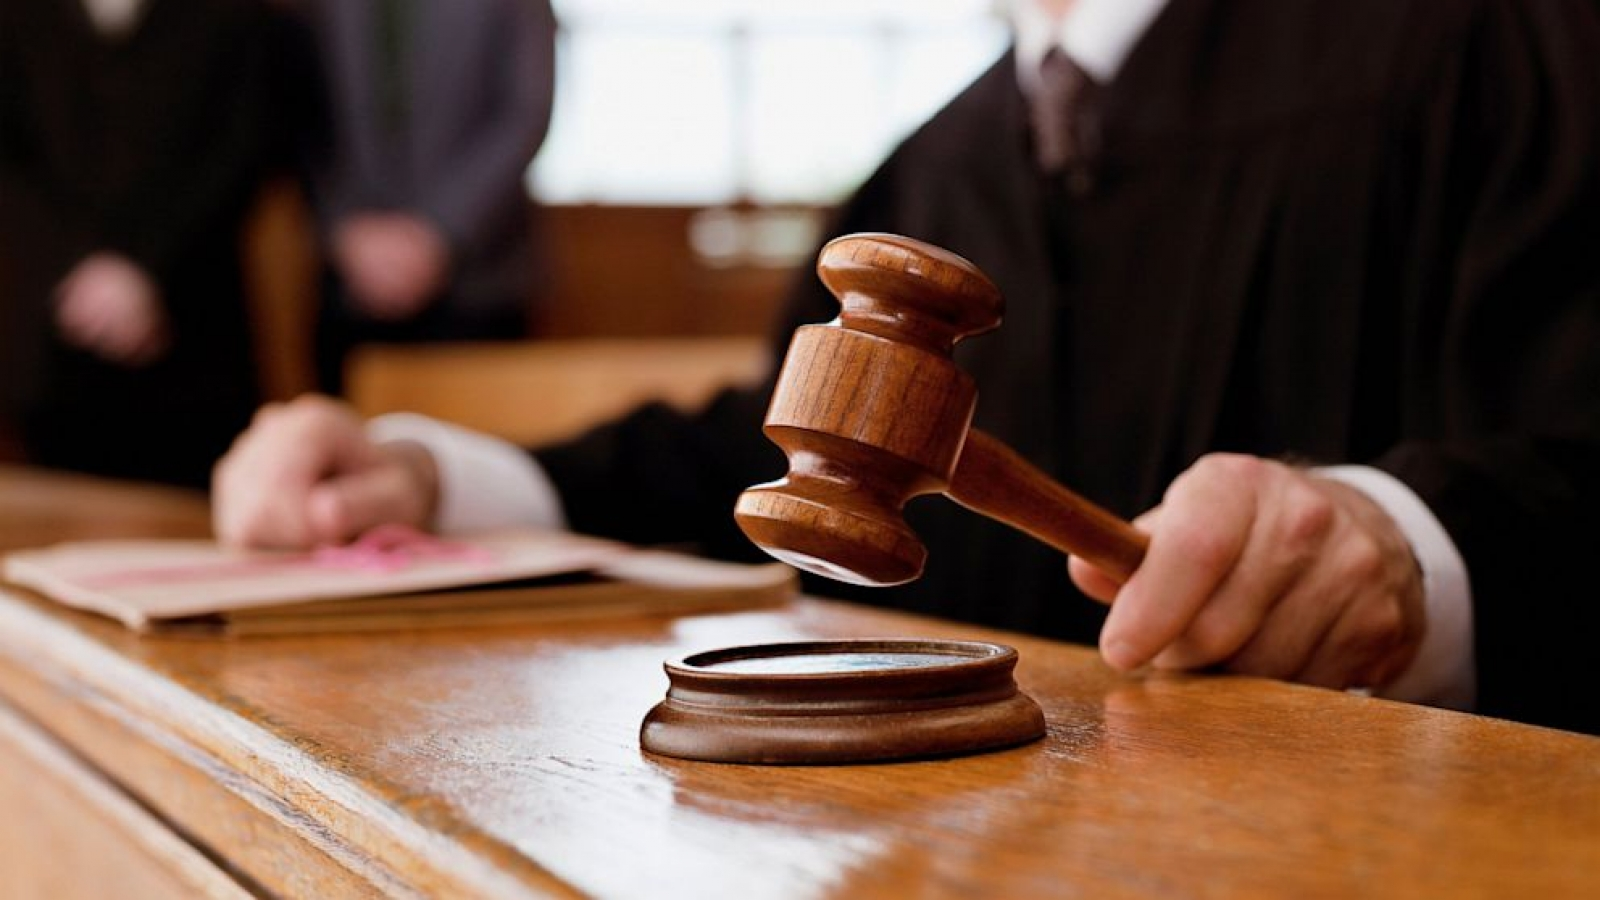 Мужчине дали два года условно за угрозу убийством фельдшеру